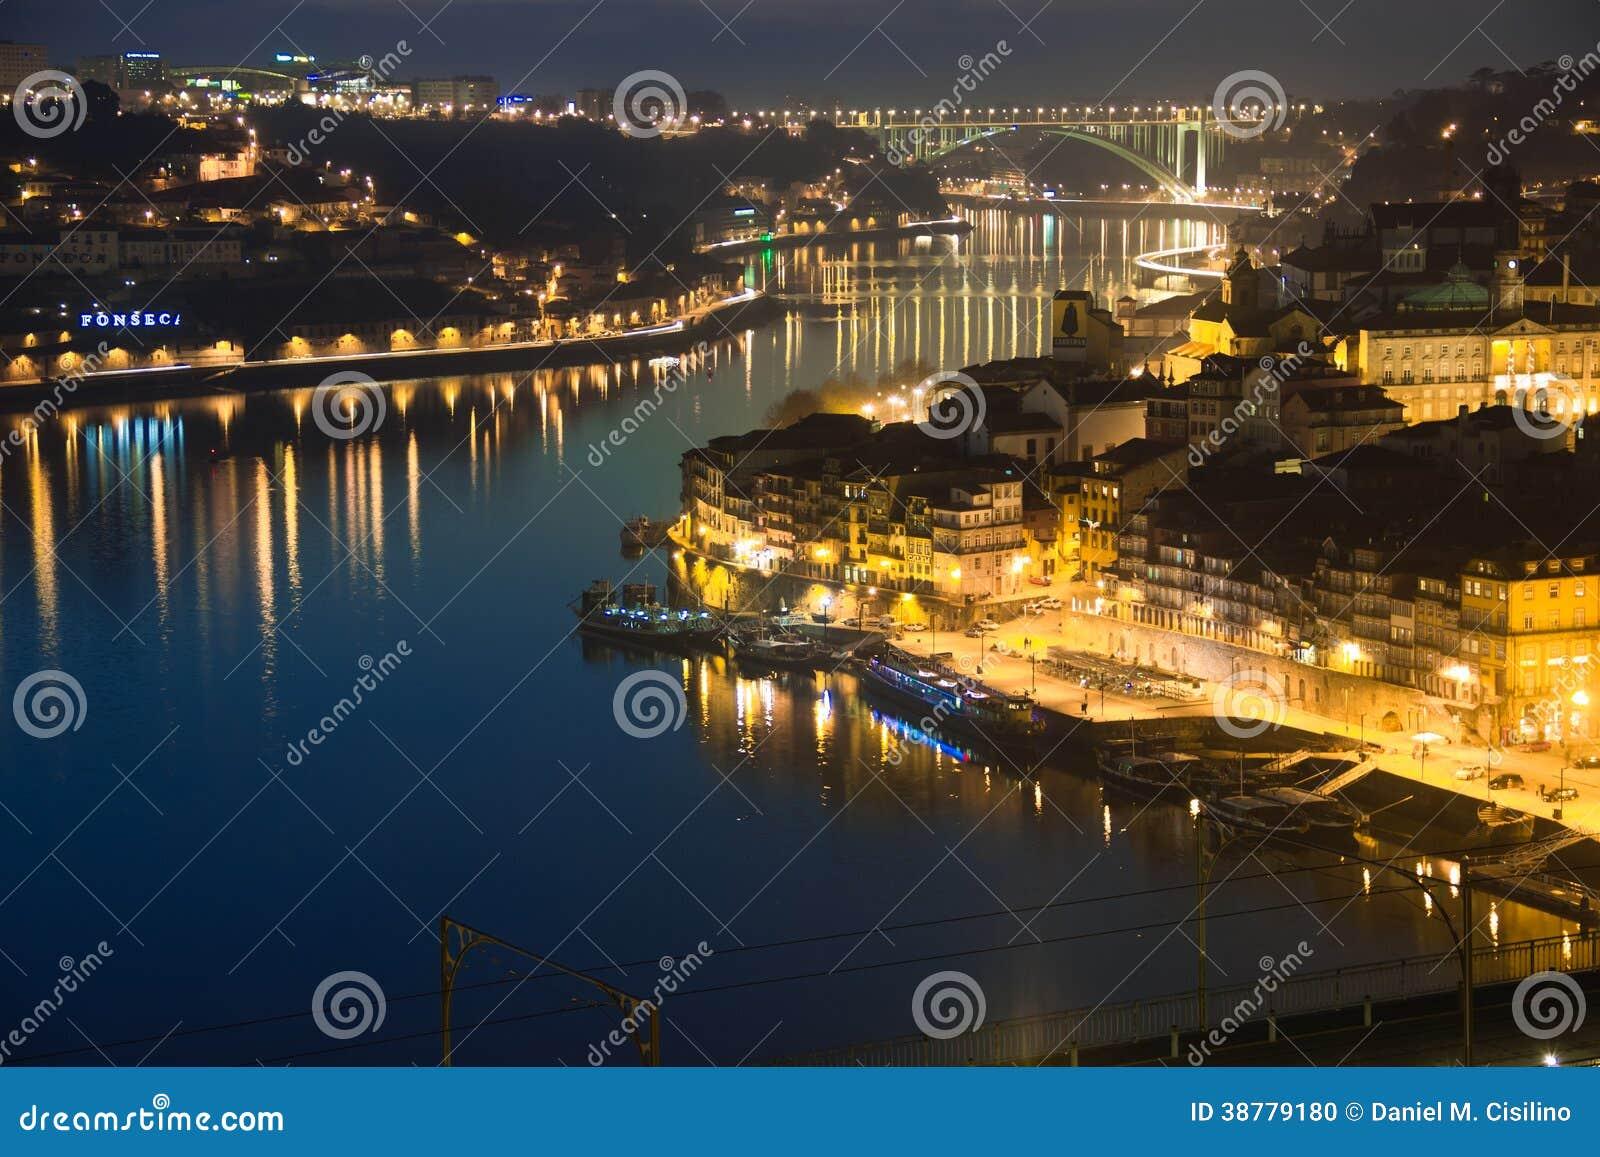 Πανοραμική άποψη τη νύχτα. Πόρτο. Πορτογαλία